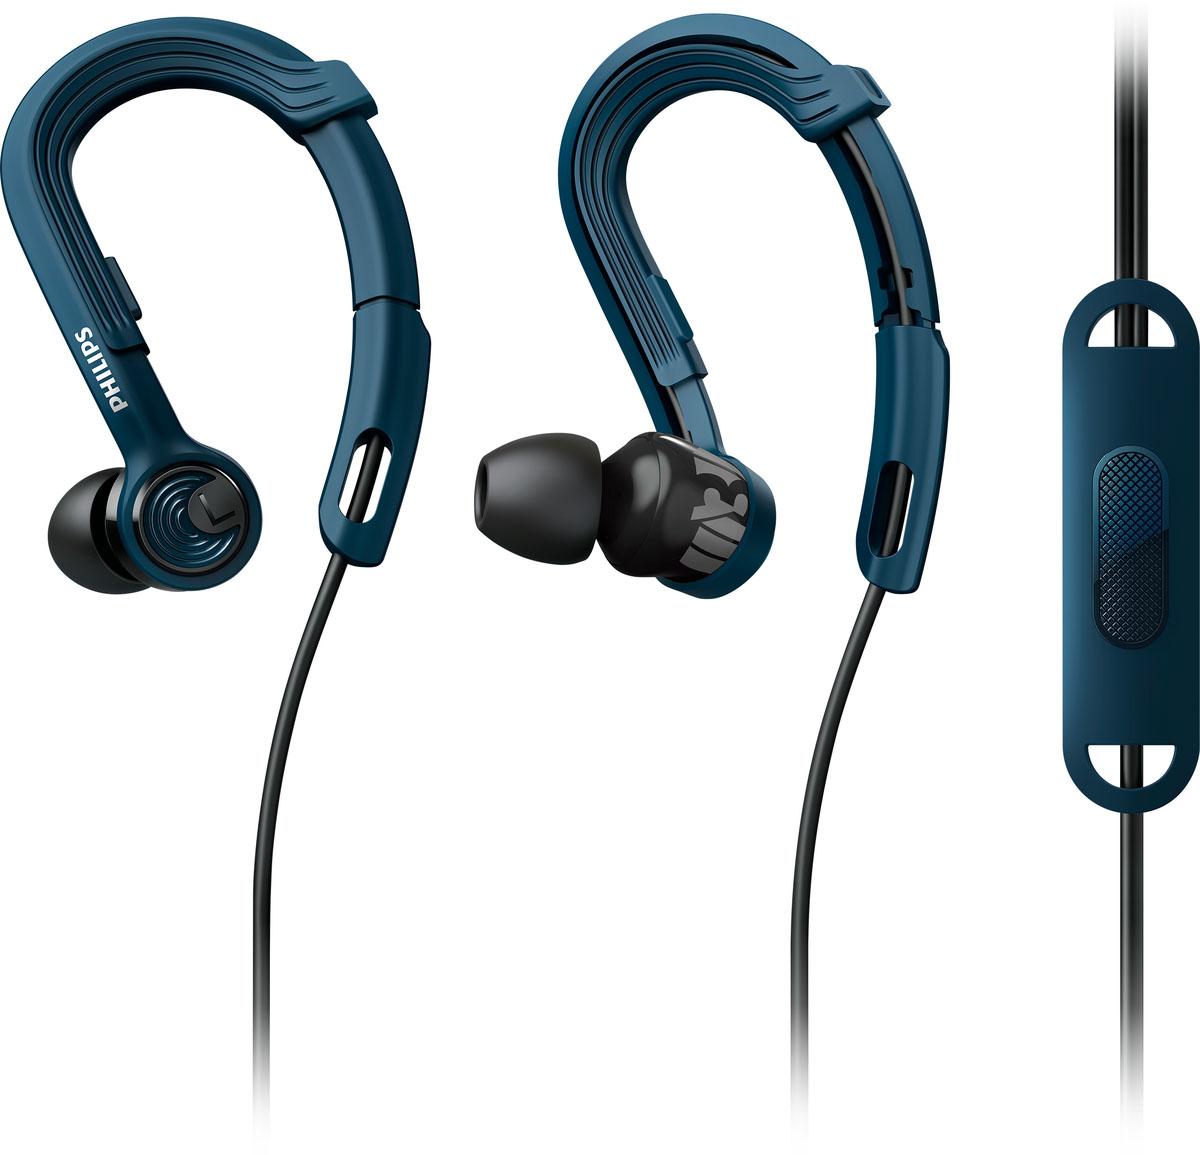 Philips SHQ3405BL/00 наушникиSHQ3405BL/00Наушники Philips SHQ3405BL/00 помогут сконцентрироваться и сохранить мотивацию при выполнении самых трудных задач. Благодаря регулировке крепления-крючка, легкому весу и защите от пота вы можете наслаждаться великолепным звучанием музыки во время интенсивных тренировок. Наушники ActionFit с запатентованным регулируемым заушным креплением обеспечивают надежную посадку и комфорт. Просто поместите крючки за уши и сдвиньте регулируемое крепление вверх или вниз для комфортной посадки. Теперь вы готовы к покорению любых высот и препятствий - наушники останутся на месте, чем бы вы ни занимались. Конструкция наушников ActionFit разрабатывалась для гарантии прочности и надежности. Кевларовый кабель хорошо защищен от износа и поломок и рассчитан на использование в жестких условиях во время тренировок. 8,6-мм излучатели обеспечивают великолепное звучание, которое помогает достичь превосходных результатов. Наушники-вкладыши обеспечивают плотное...